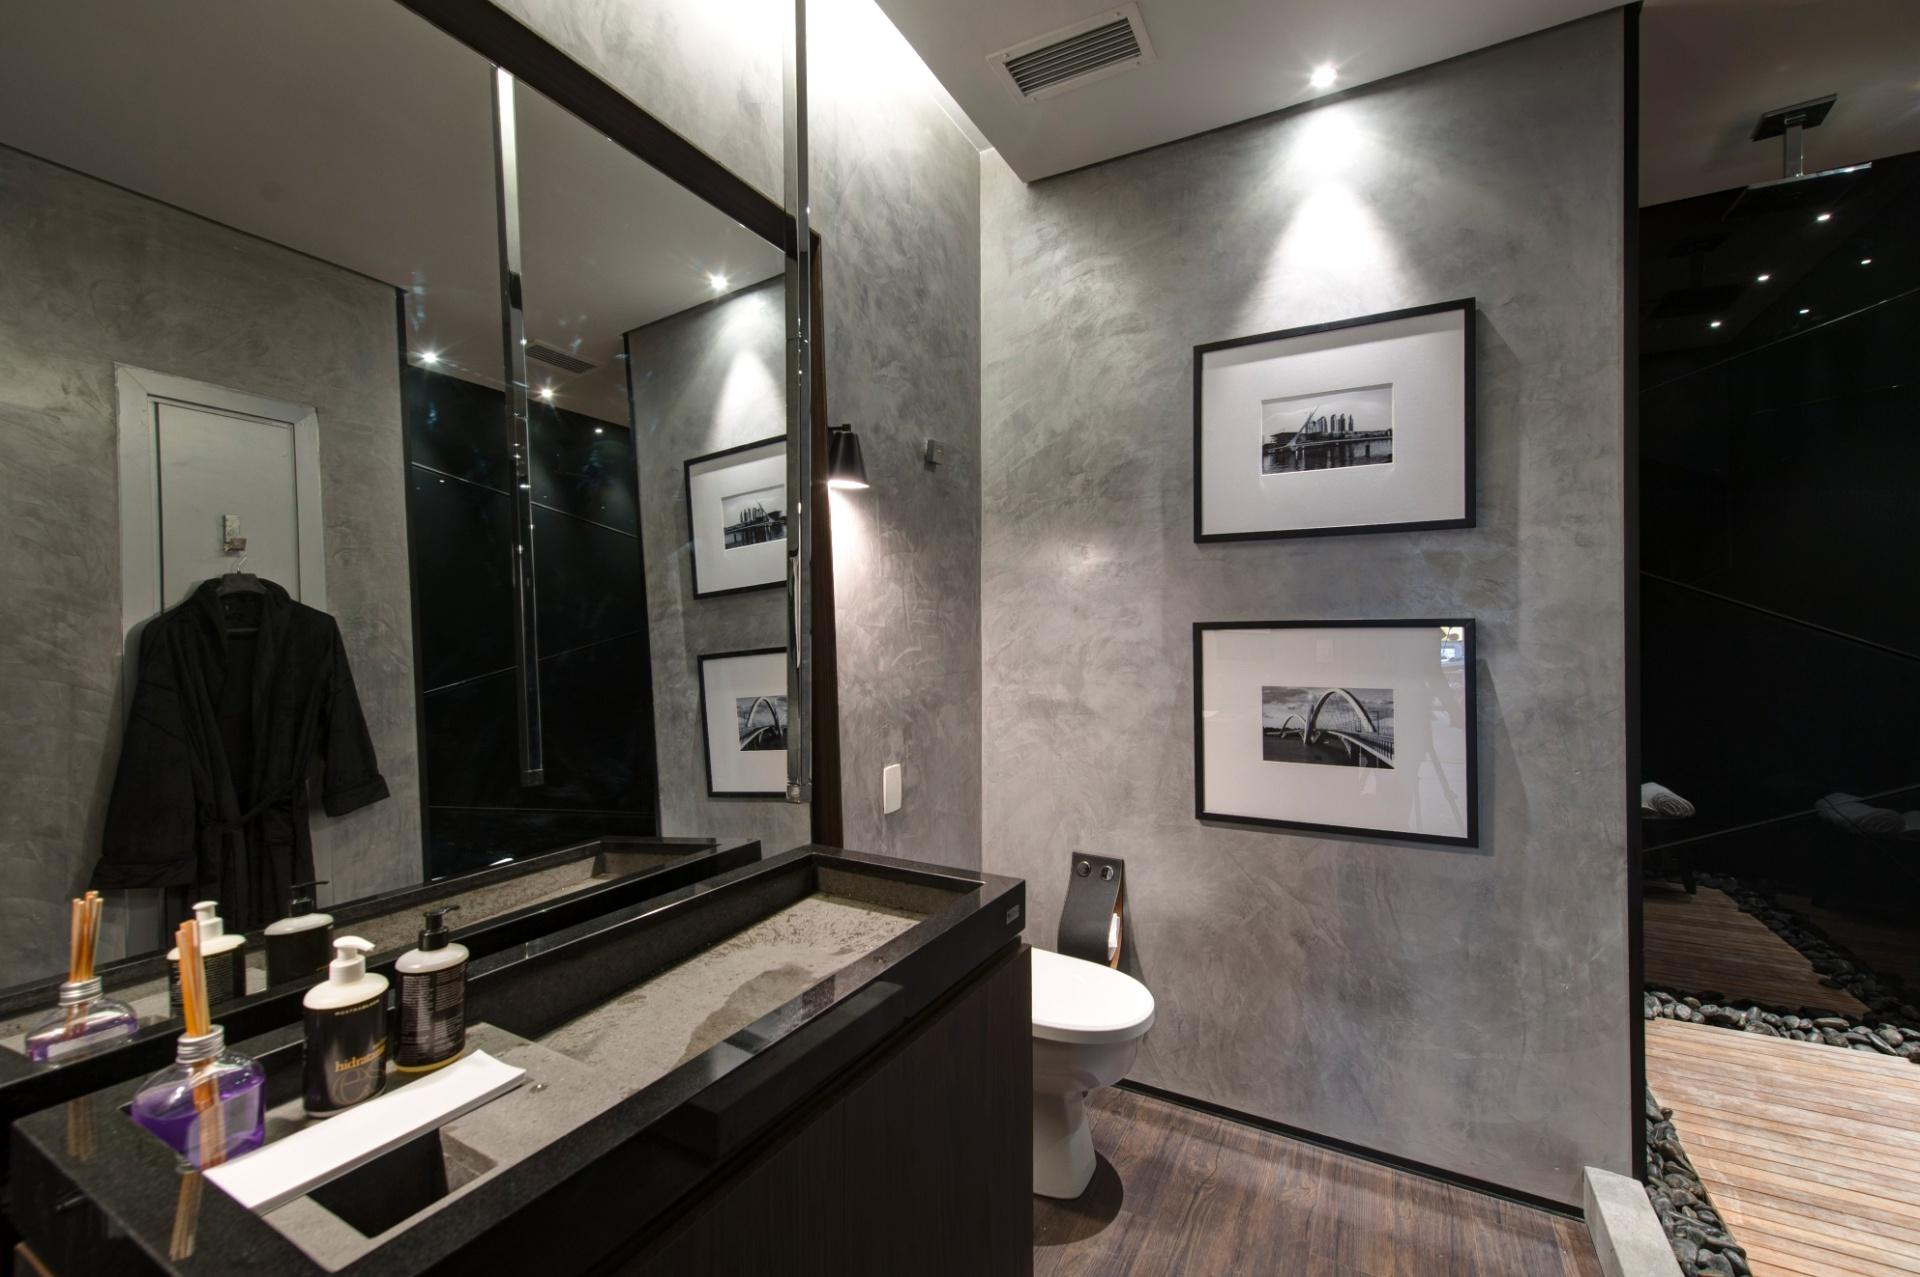 Quem assina o banheiro masculino no 25ª andar é o profissional Fabio Morozini. A 3ª Mostra Black fica aberta à visitação até dia 9 de julho de 2013, nos cinco últimos andares da torre anexa ao shopping JK Iguatemi, em São Paulo